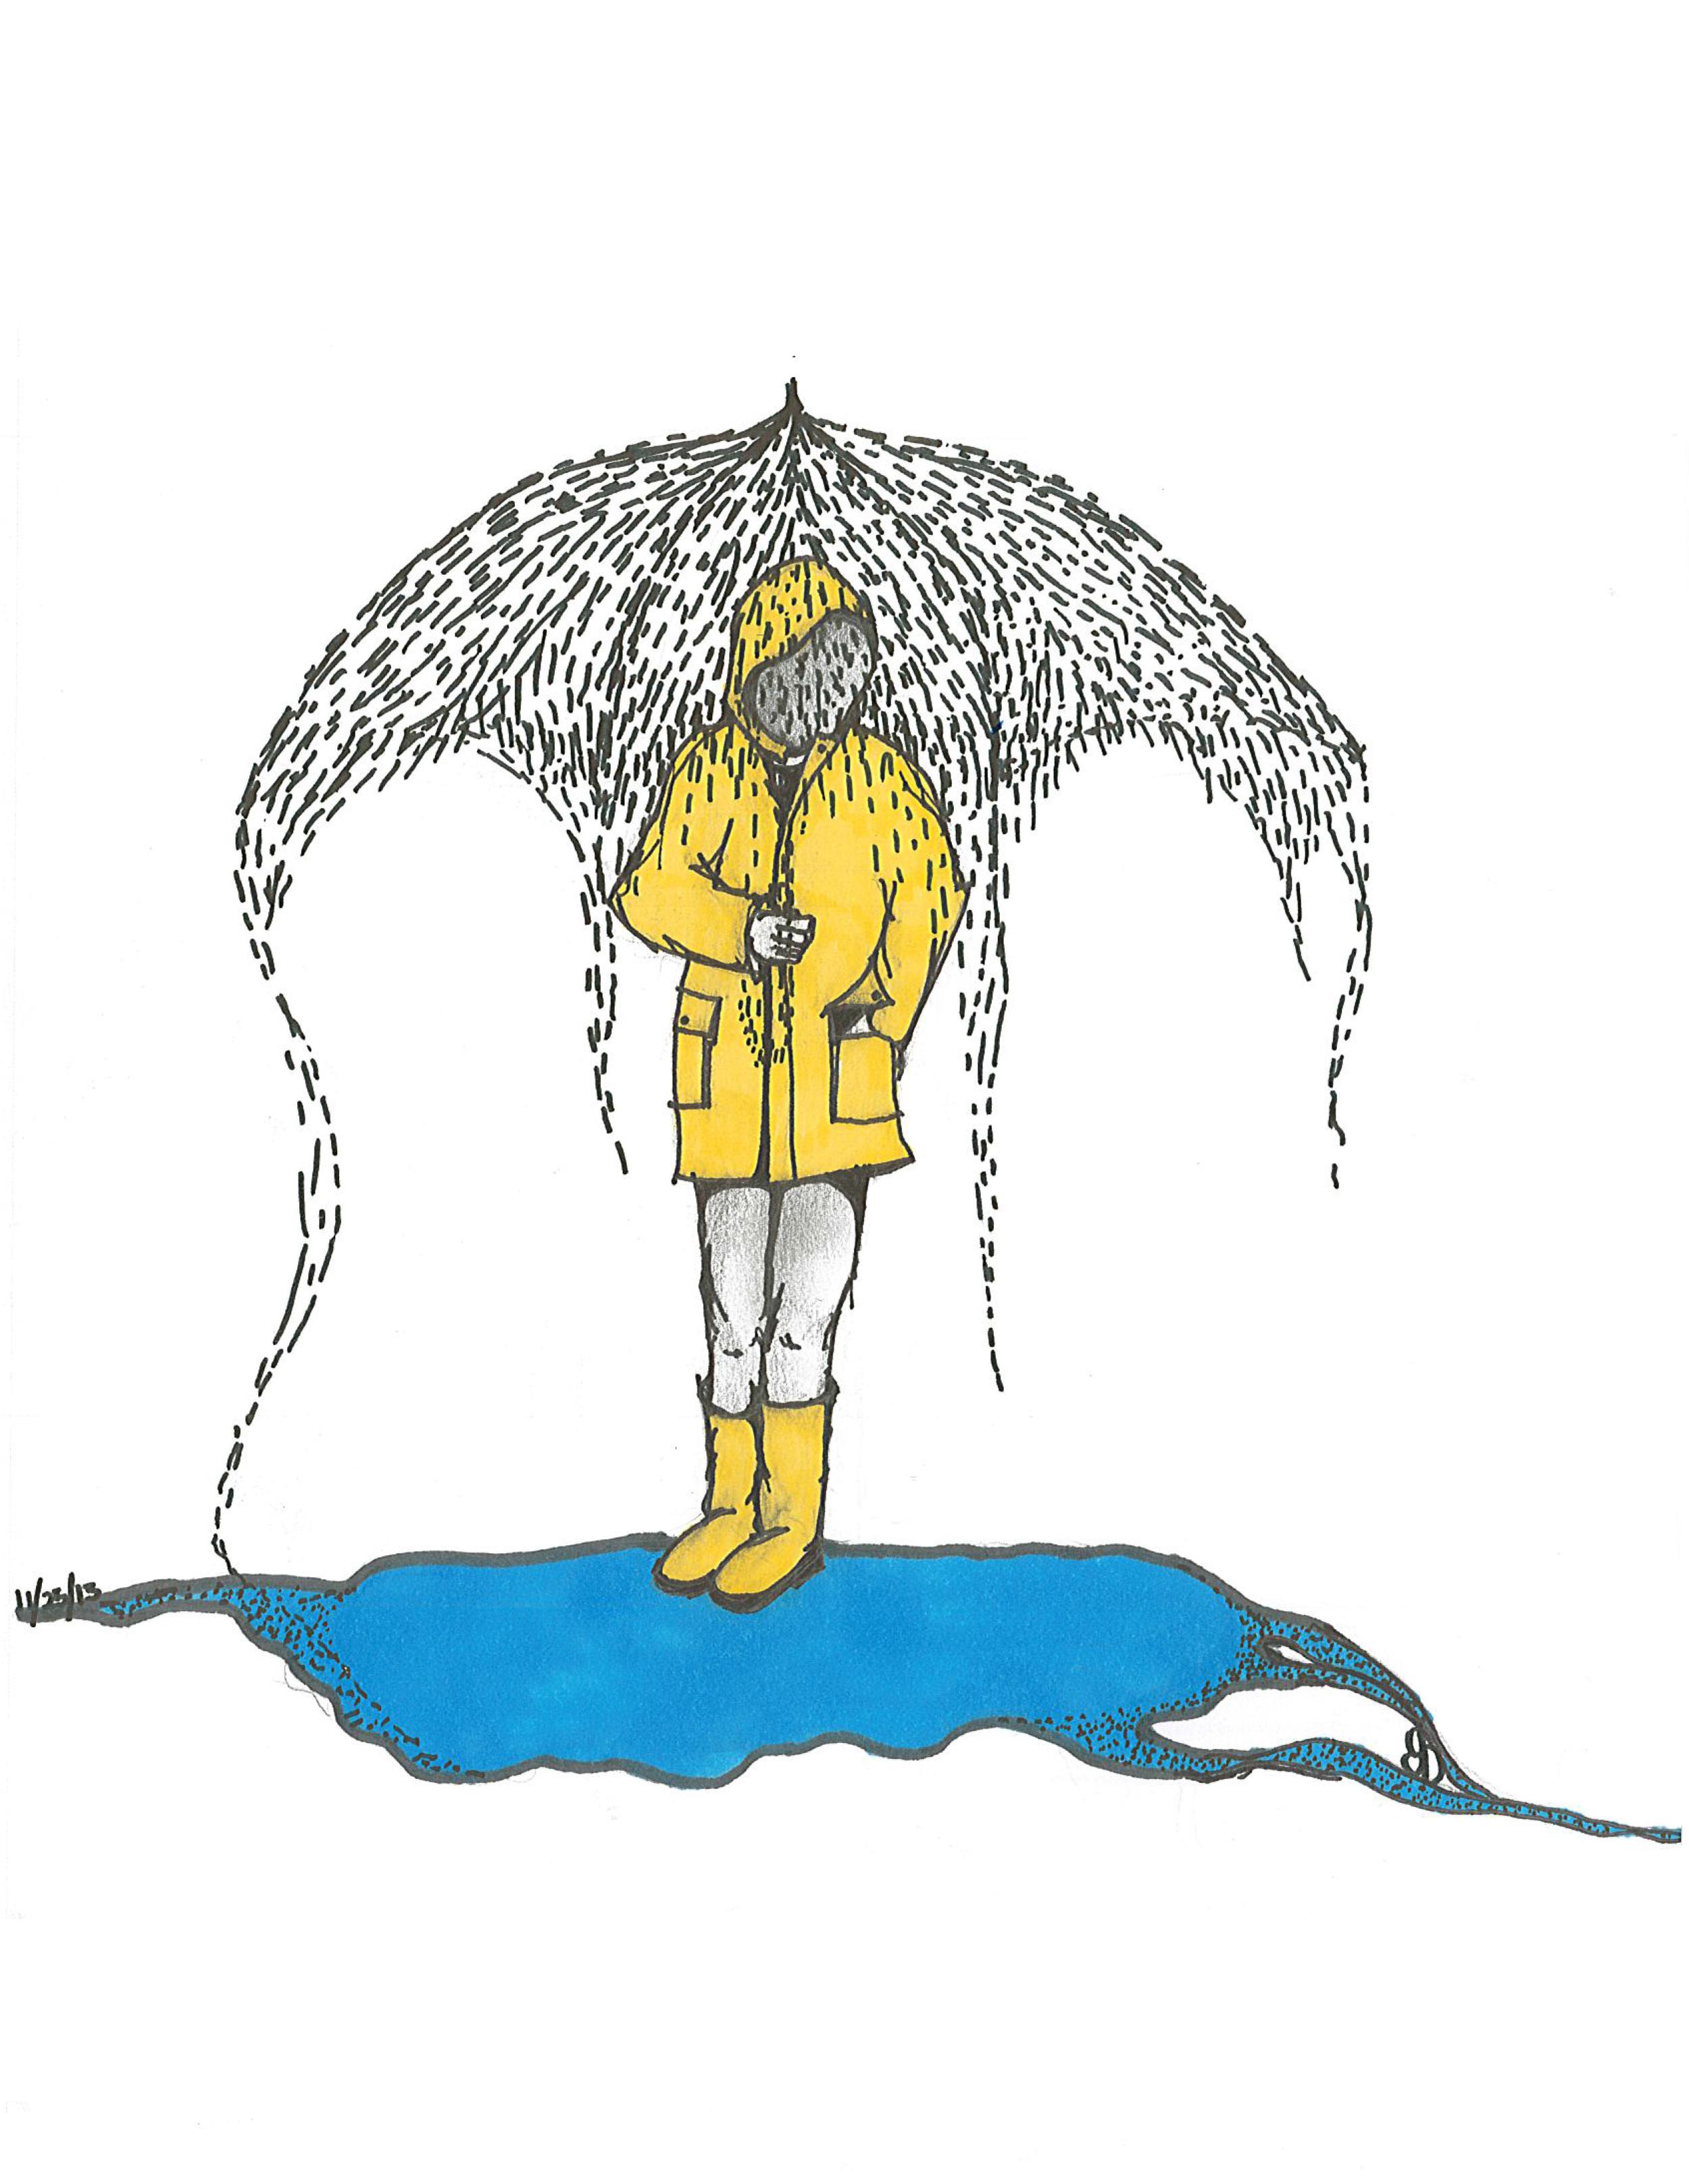 It never rains, but it pours.